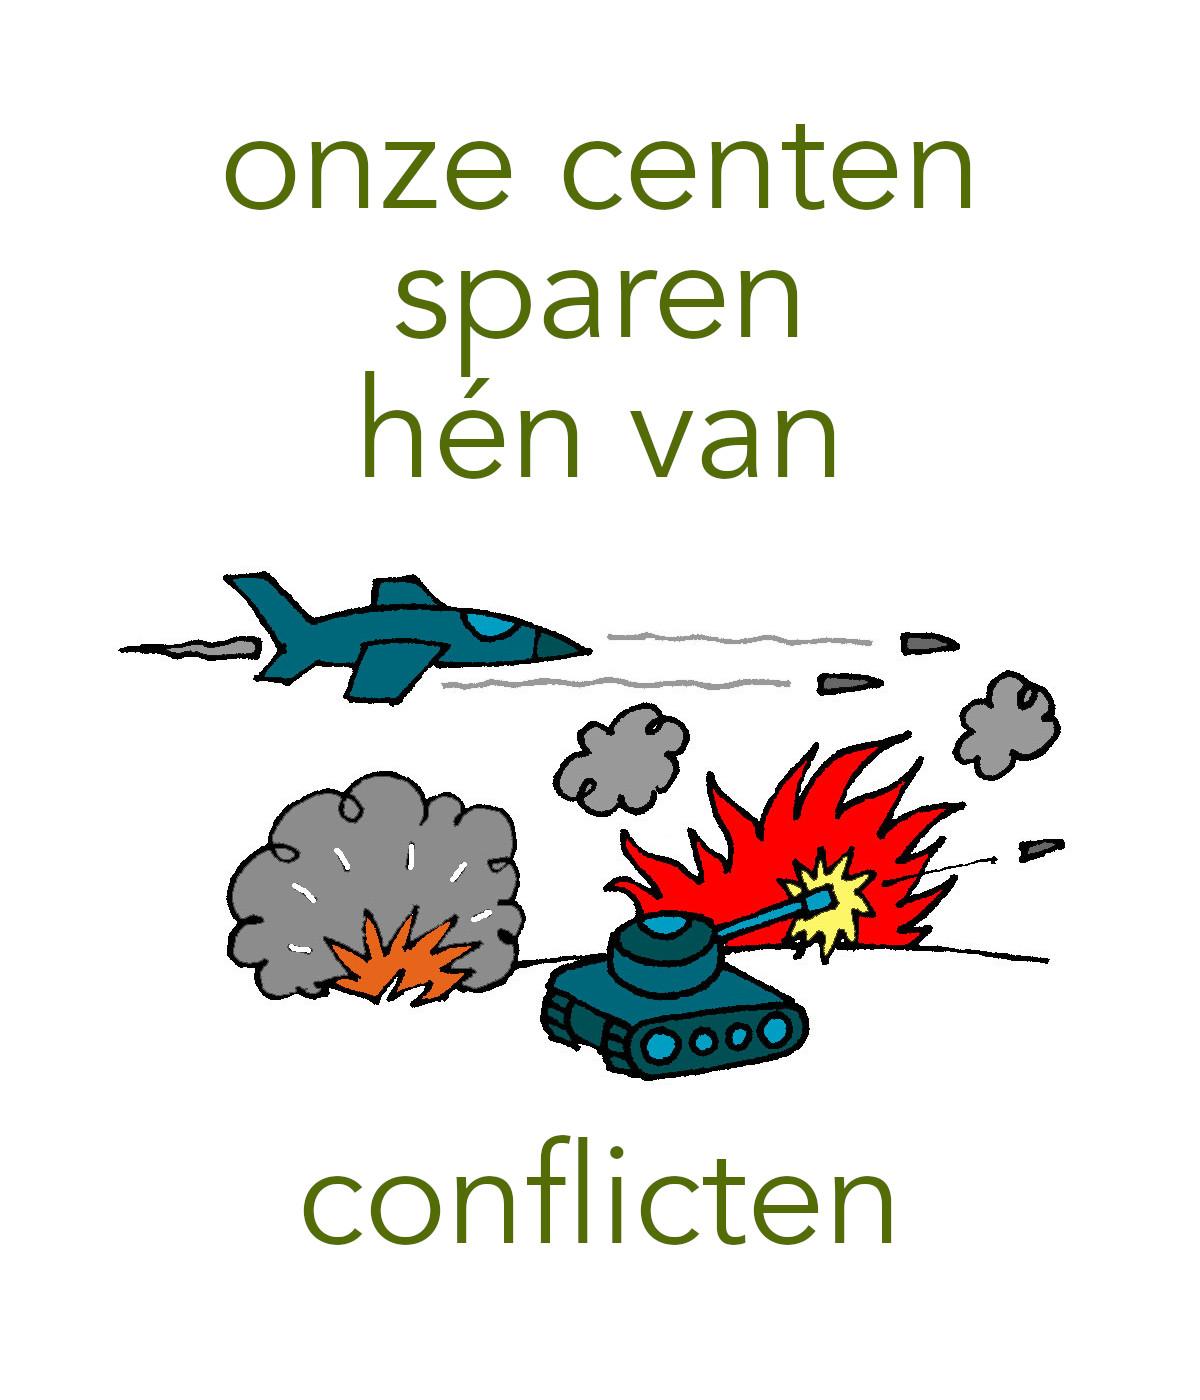 oc_conflict